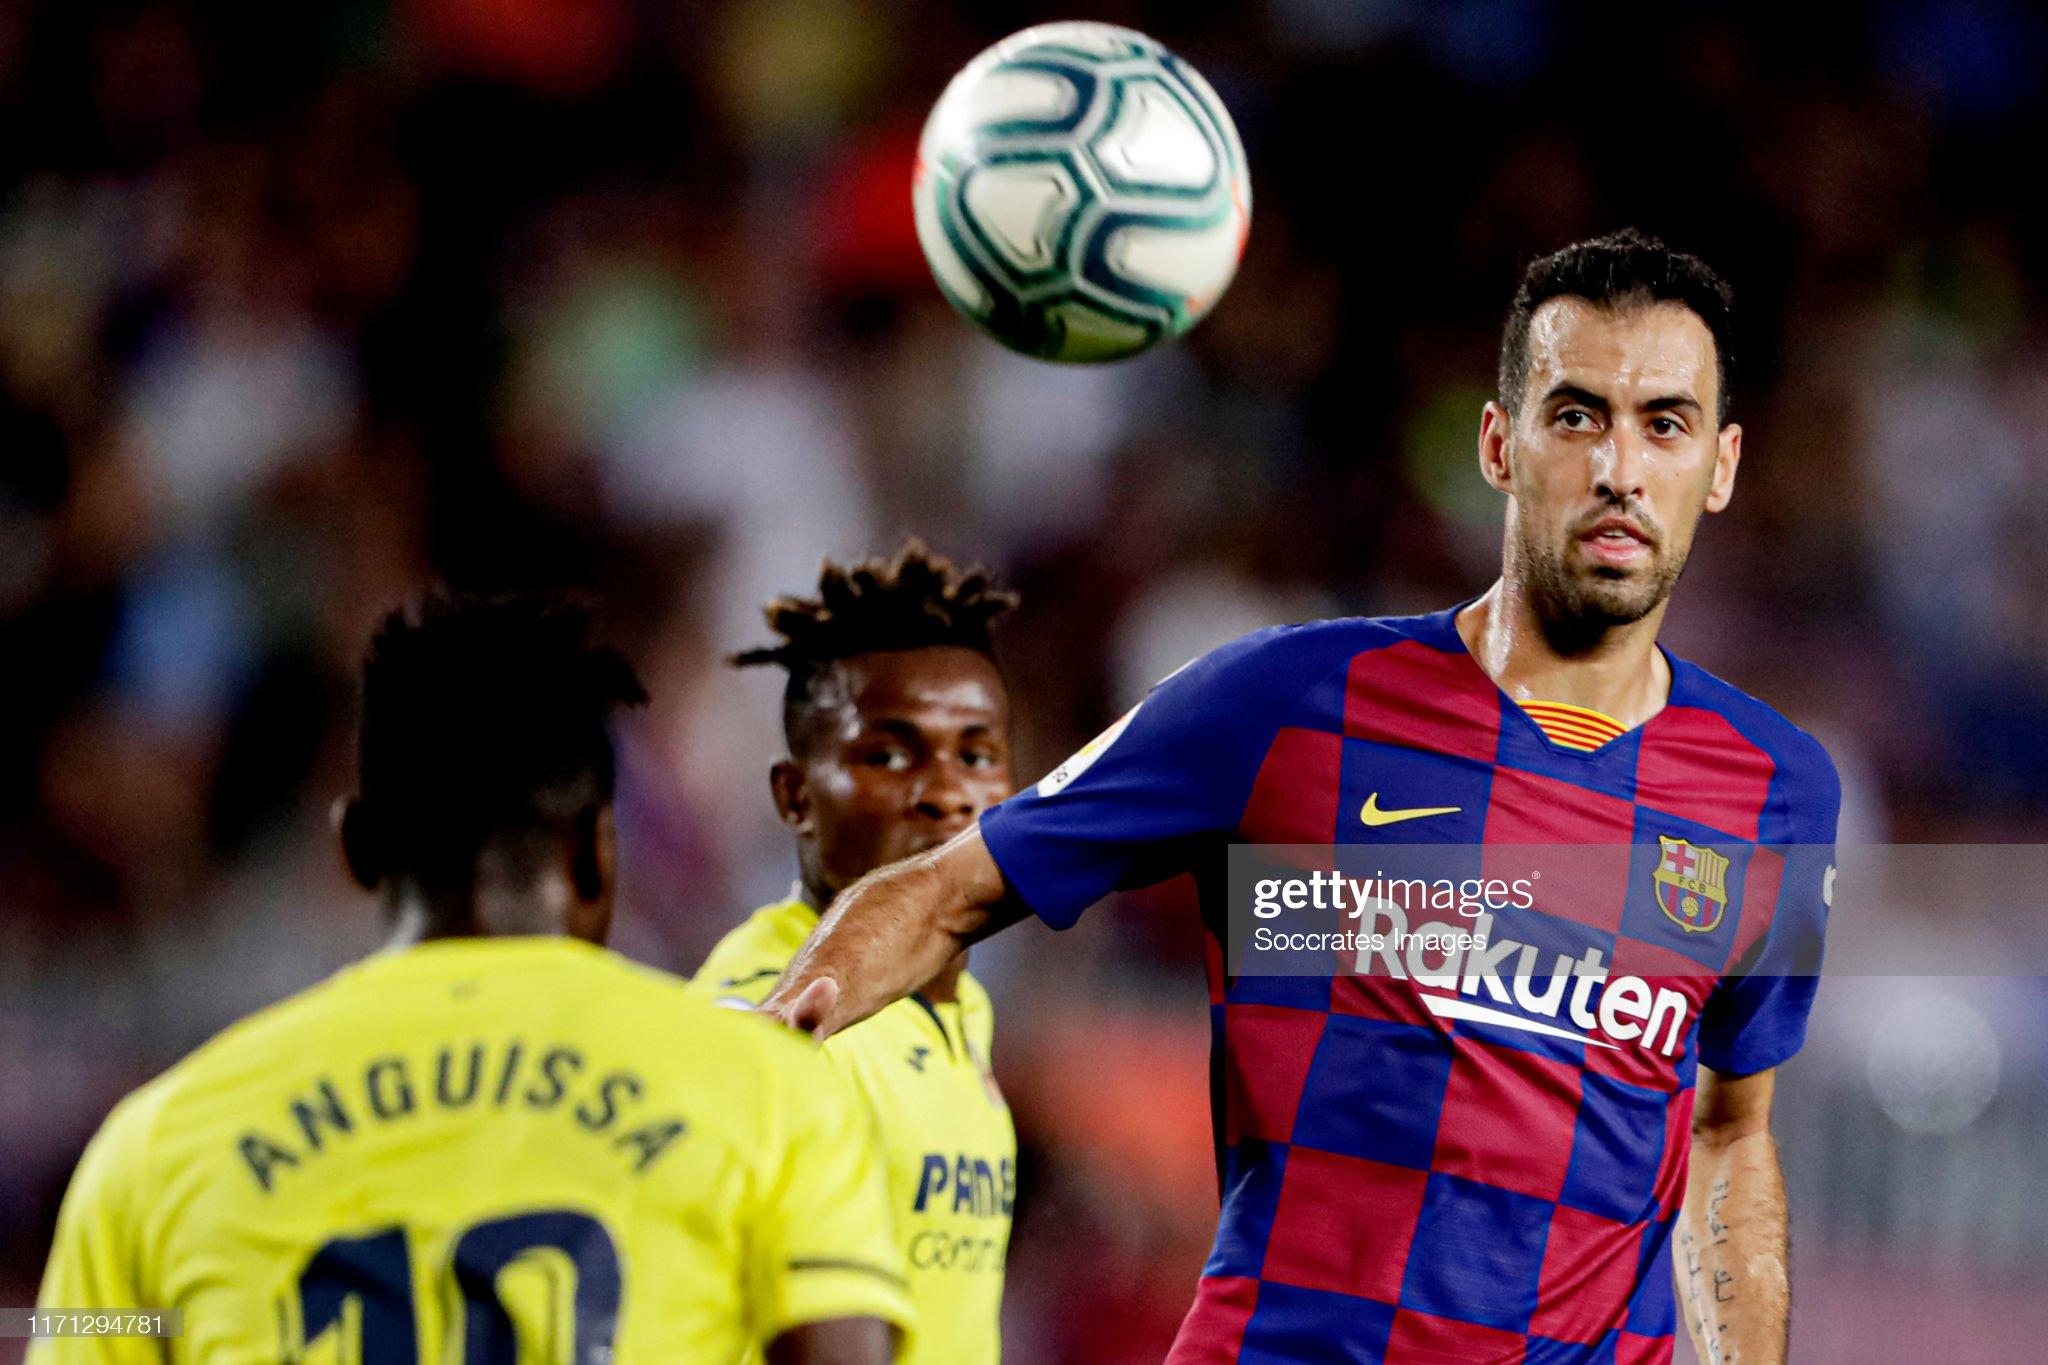 صور مباراة : برشلونة - فياريال 2-1 ( 24-09-2019 )  Sergio-busquets-of-fc-barcelona-during-the-la-liga-santander-match-picture-id1171294781?s=2048x2048